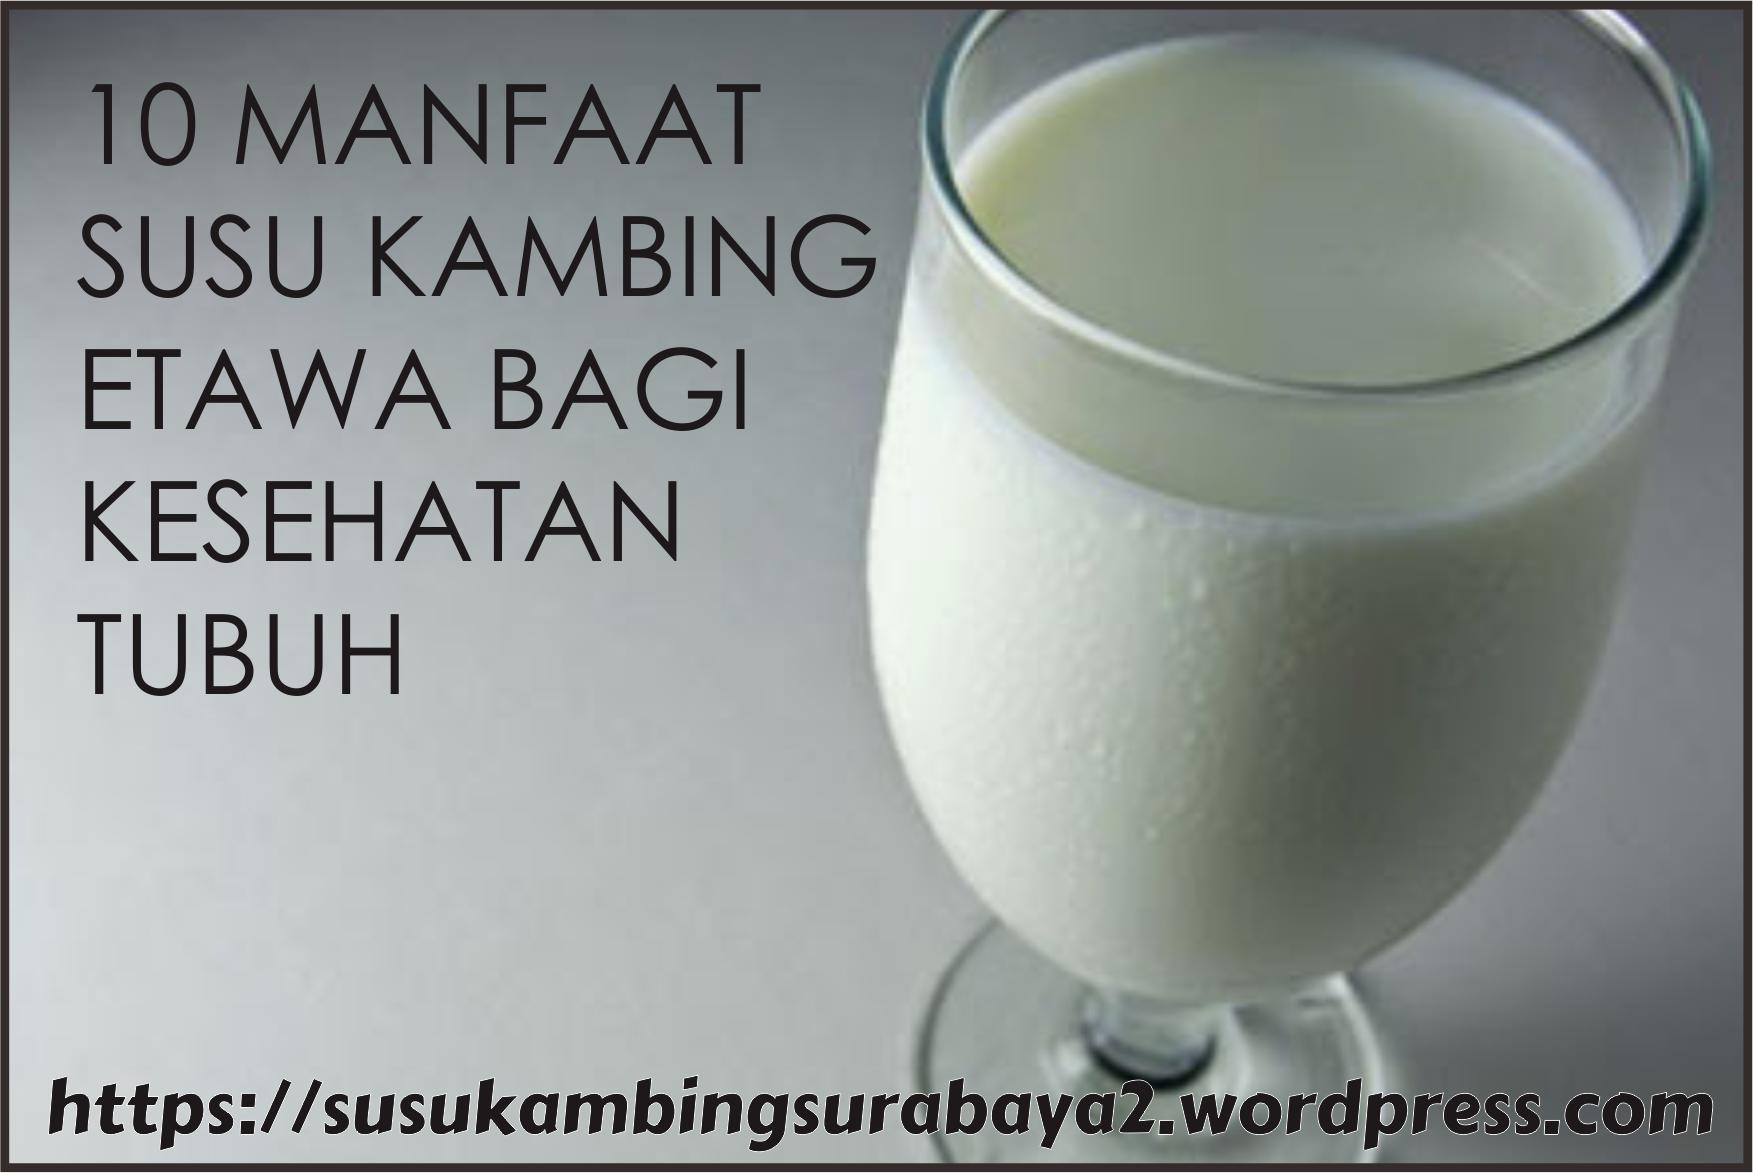 Manfaat Susu Kambing Etawa Susu Kambing Etawa